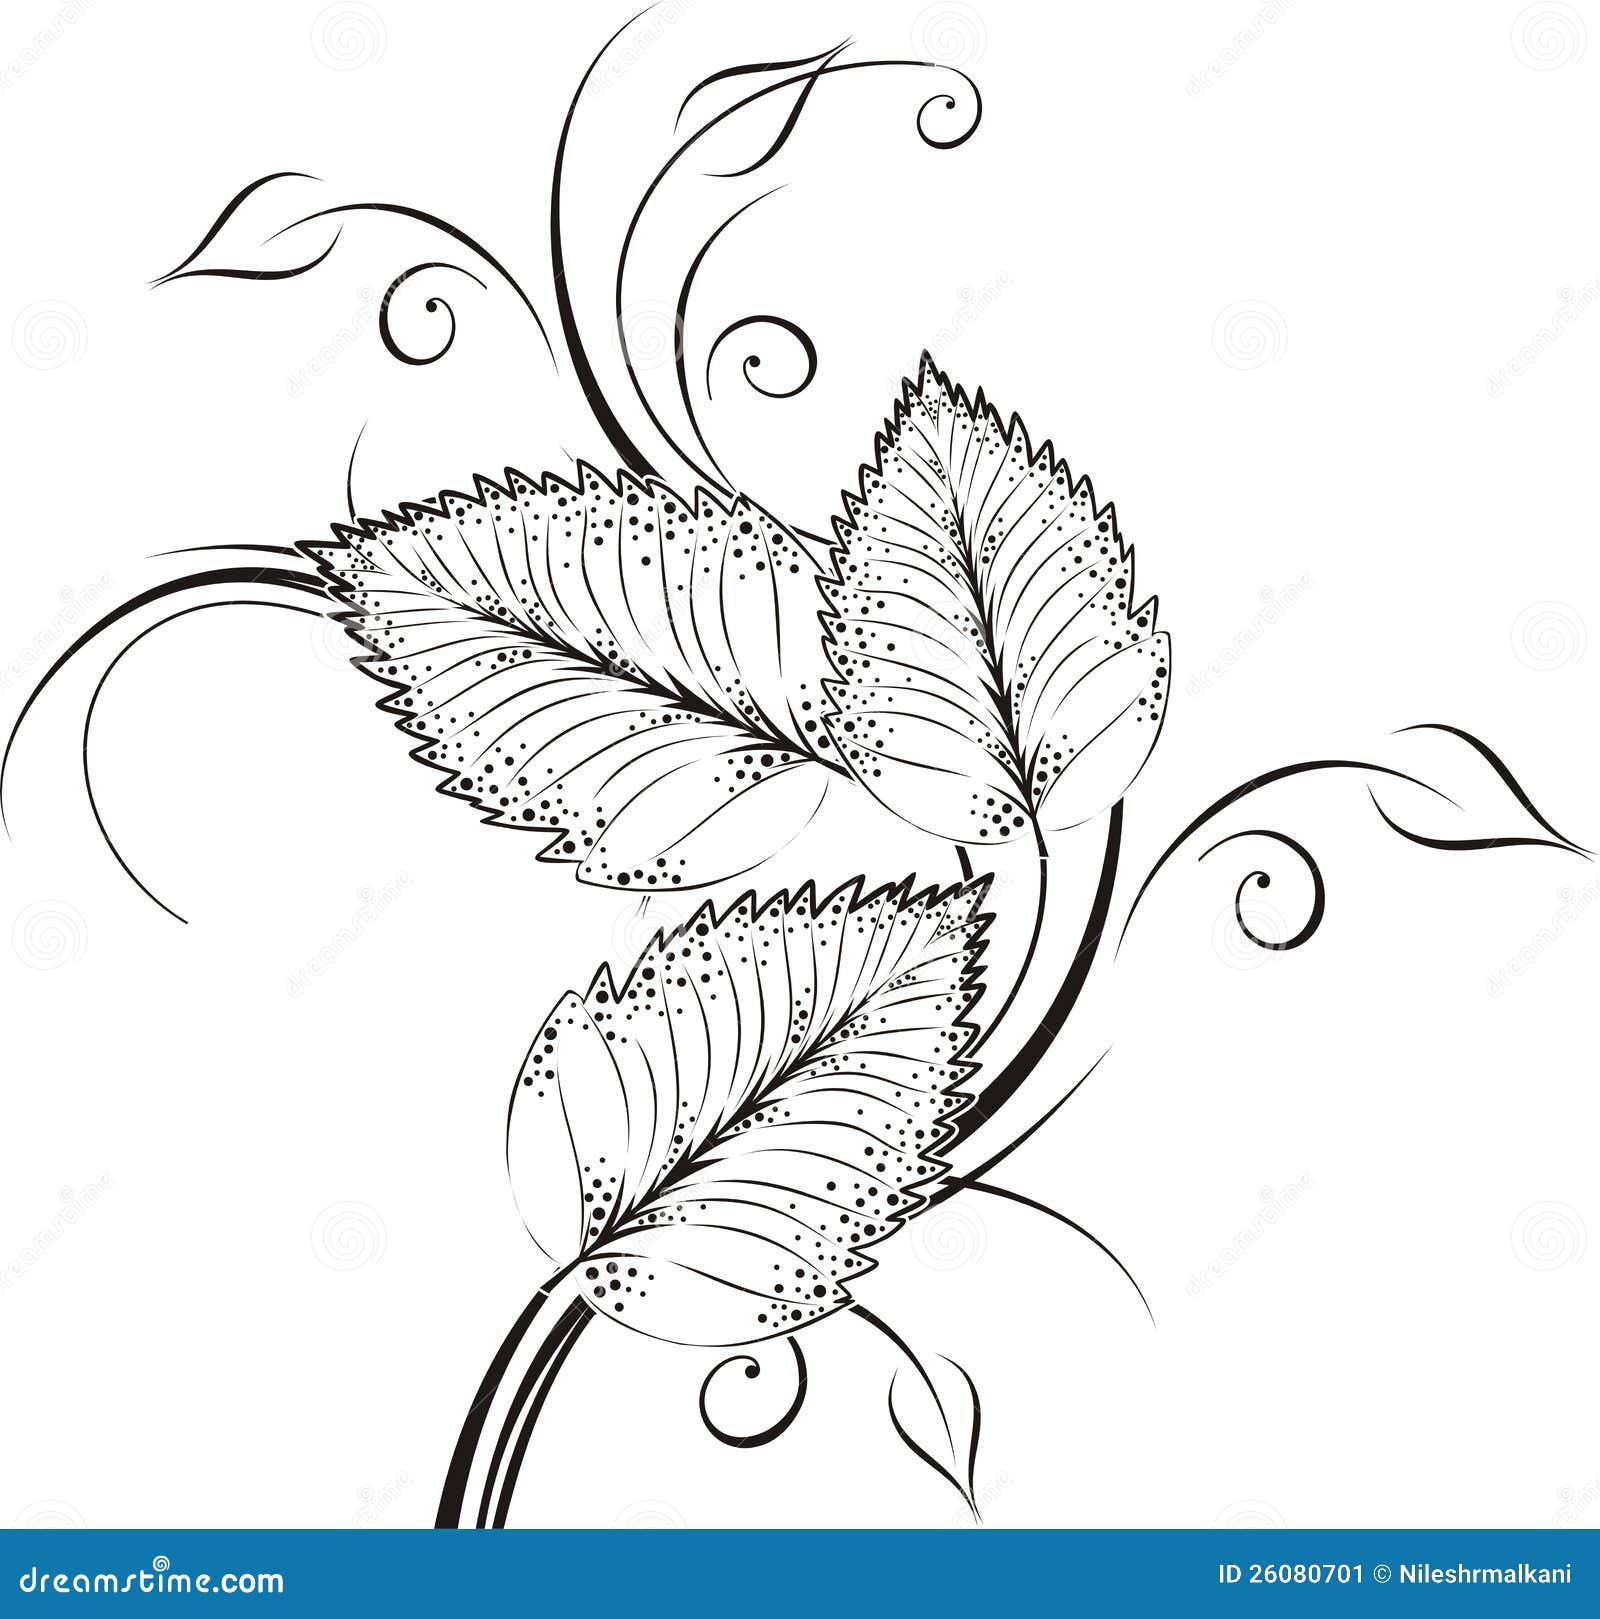 Free Vector Graphic Decorative Ornamental Fl Image